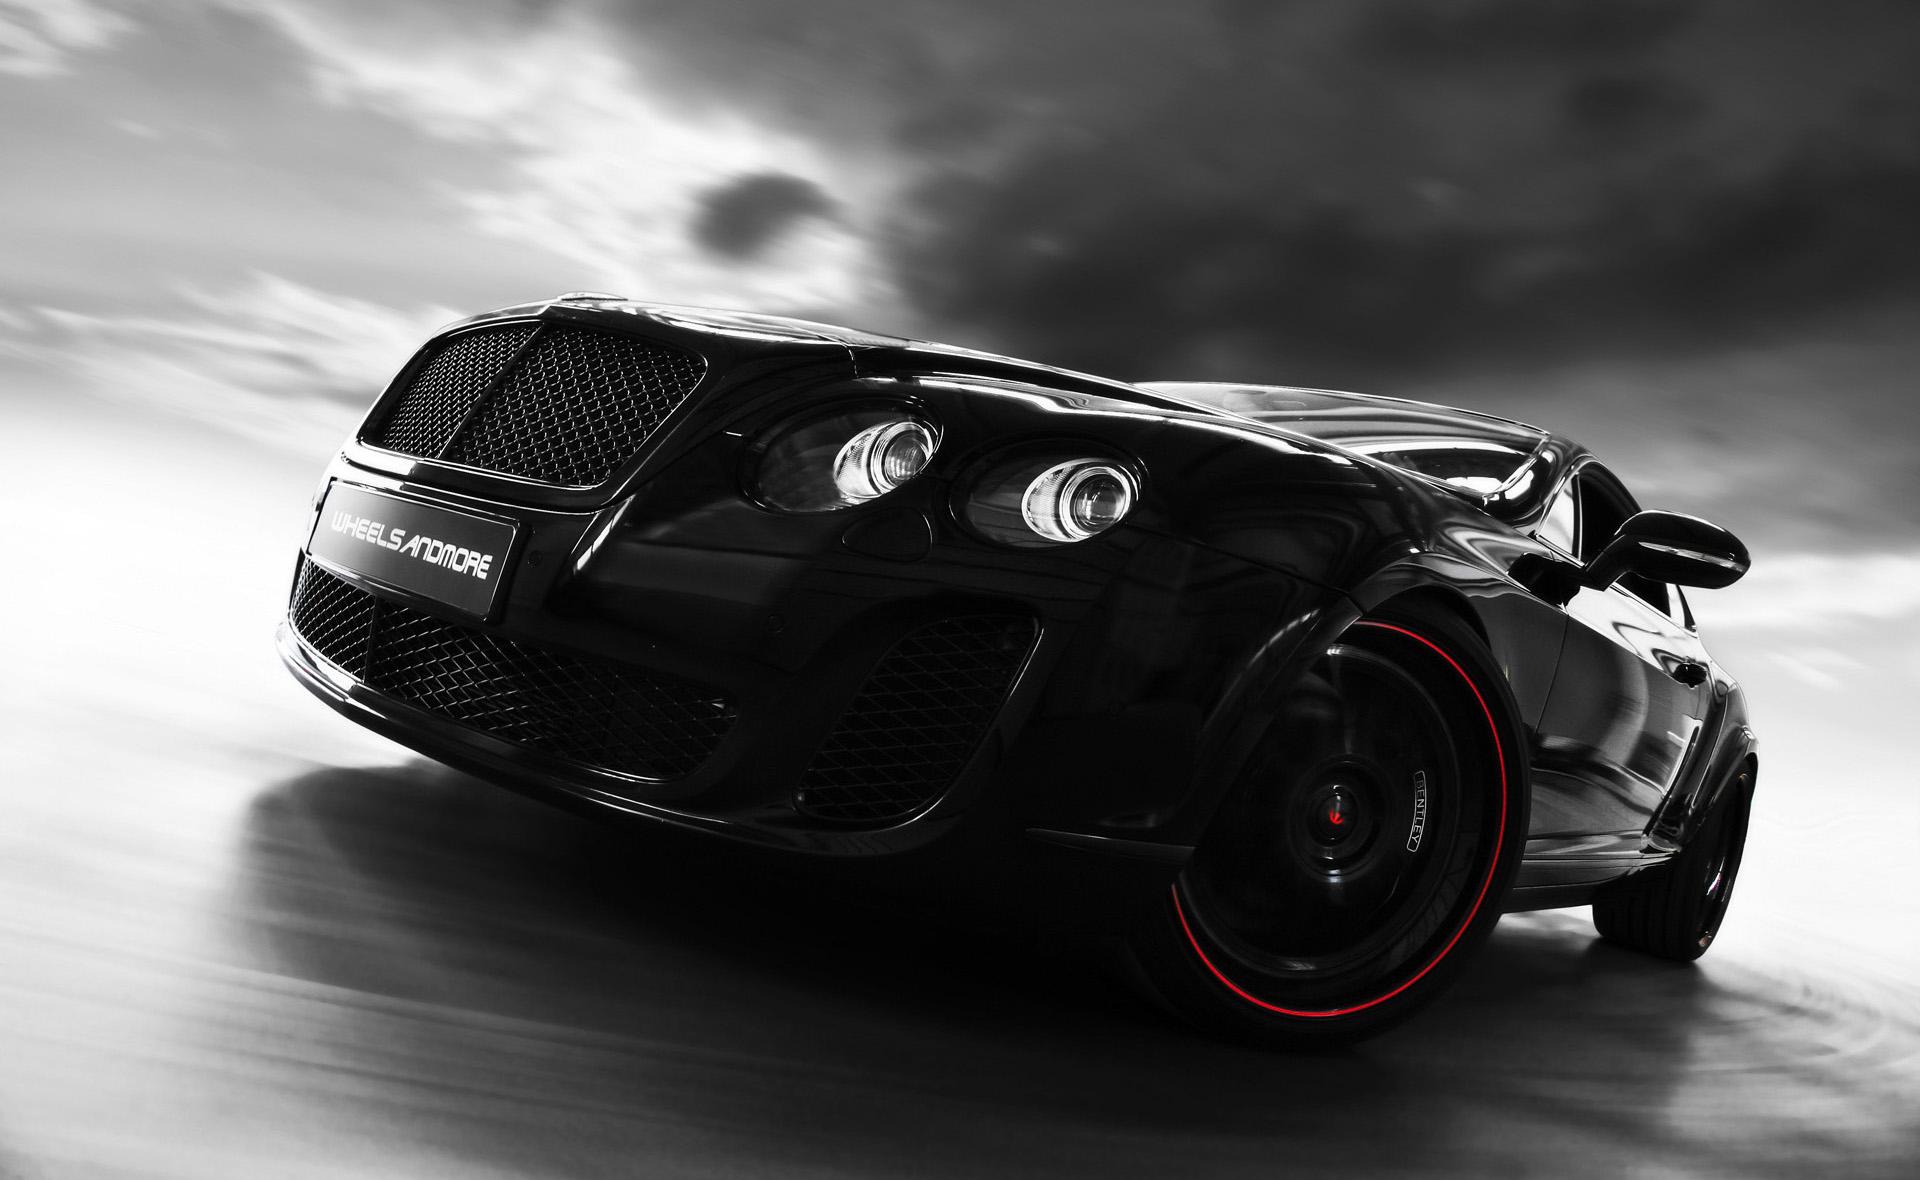 картинки с автомобилями на черном фоне них